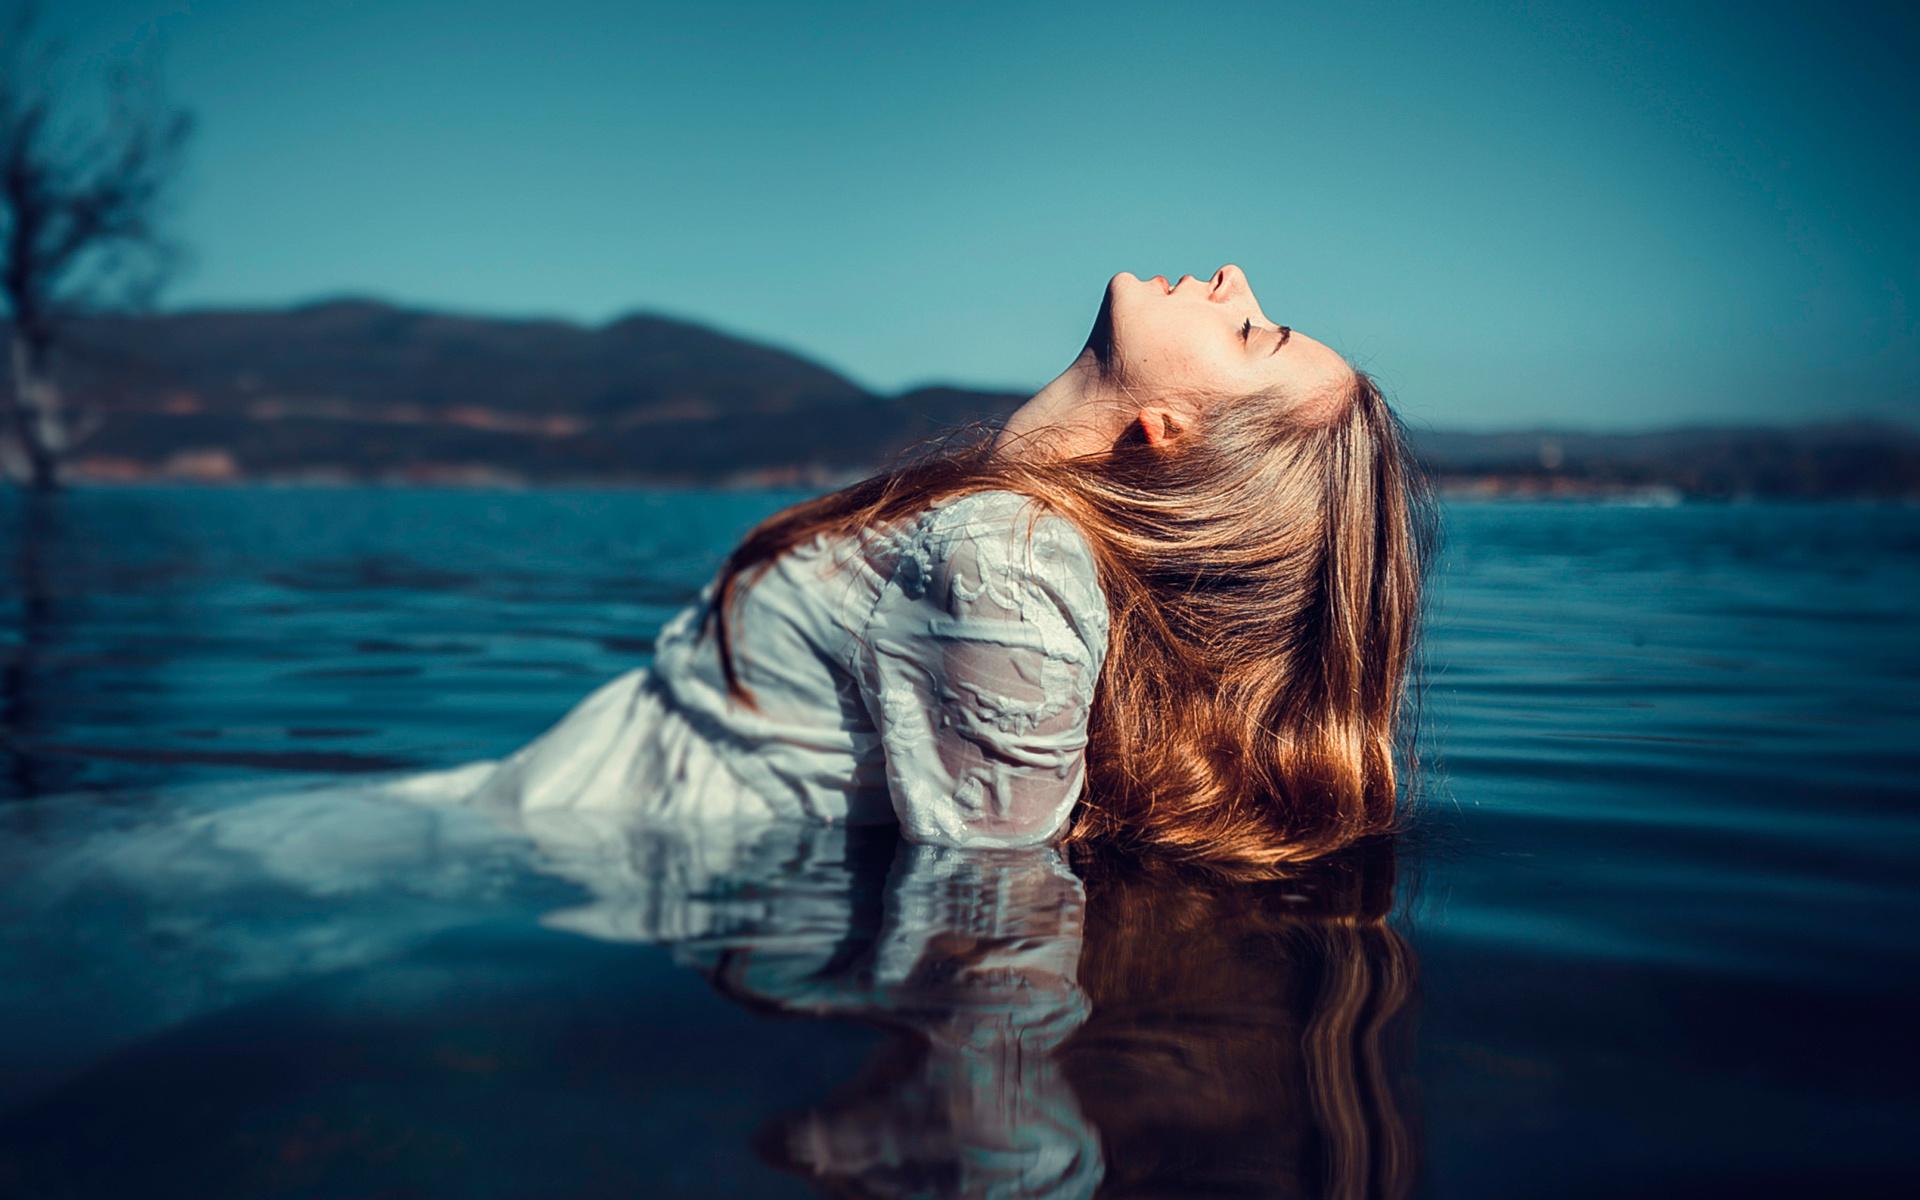 Девушка с водой картинка